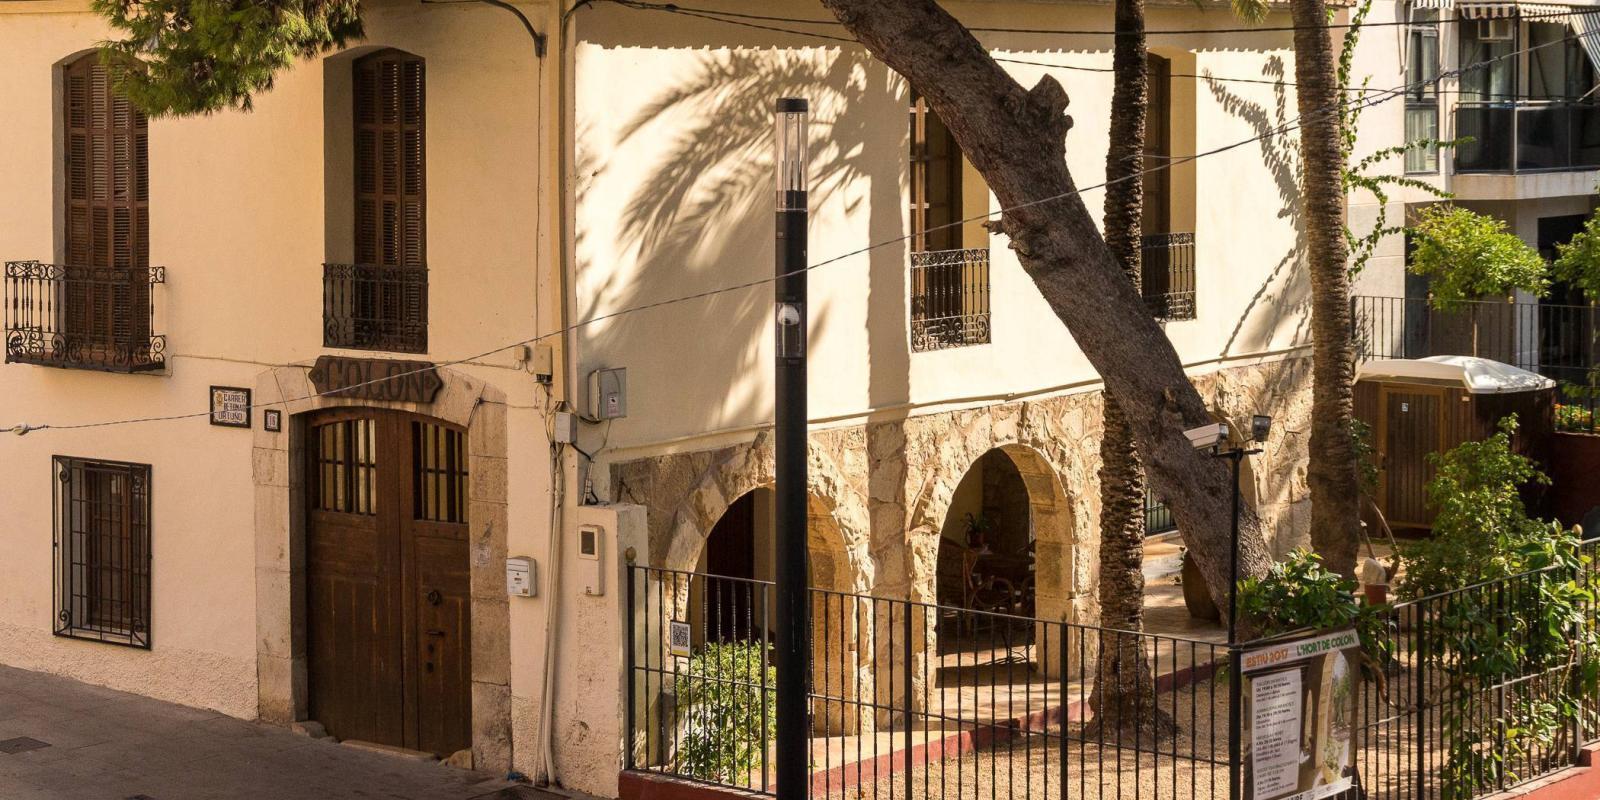 Casa-museo Hort de Colón exterior